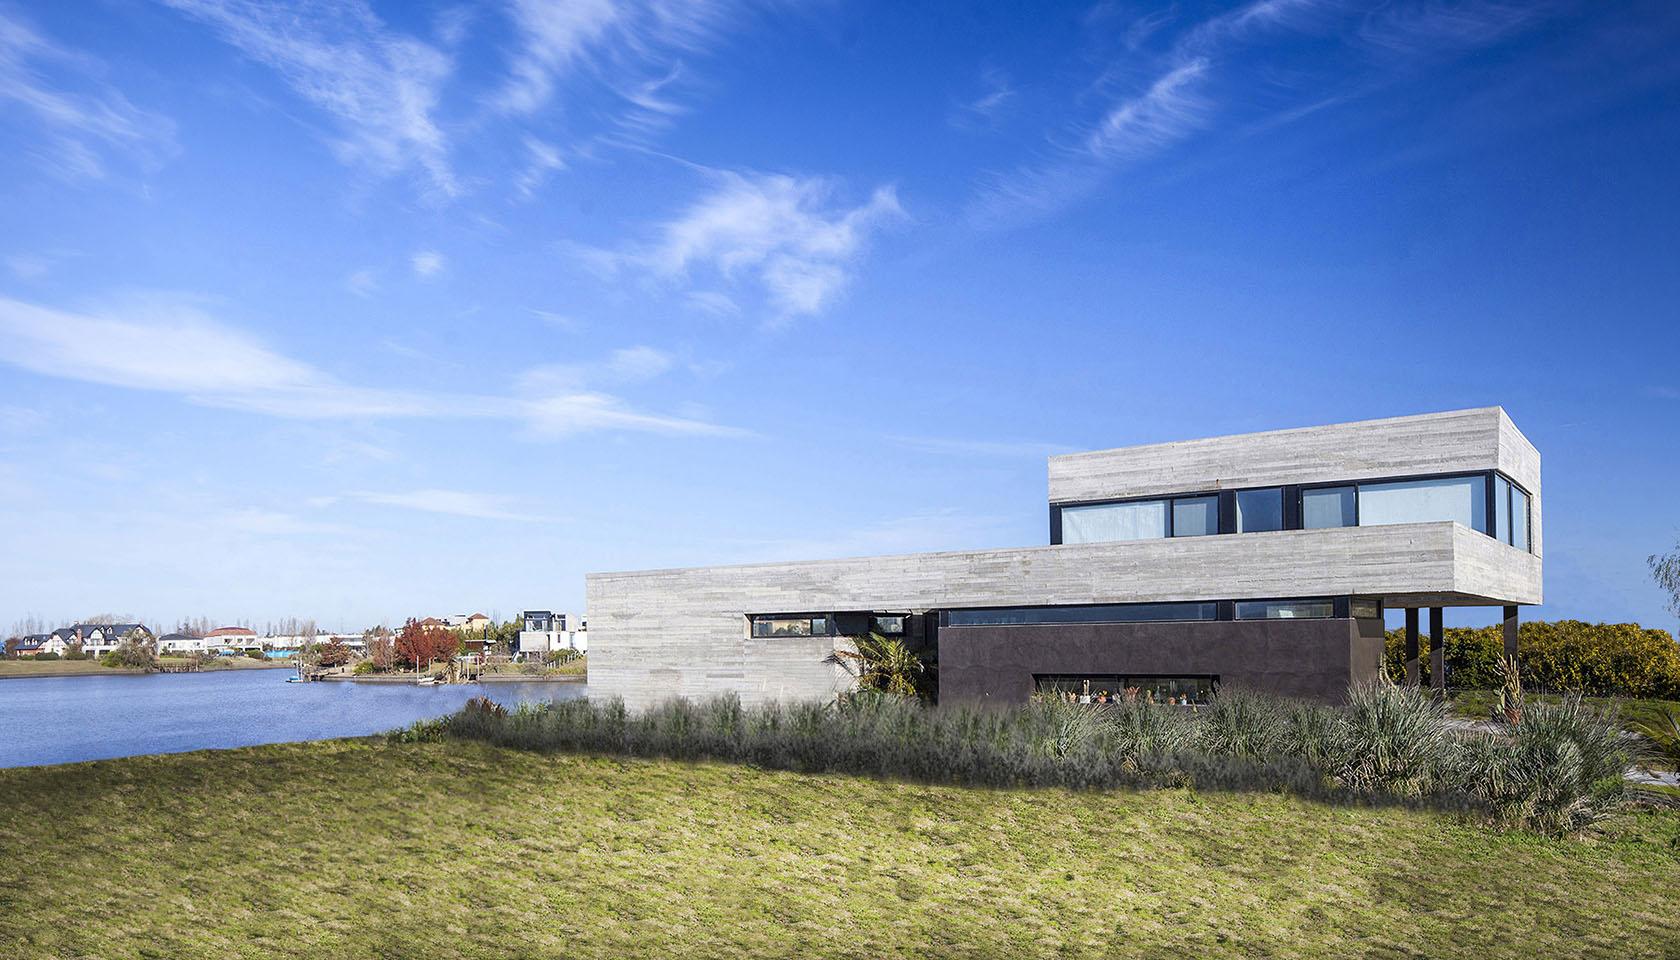 arquitectura y paisaje, casas con vista al lago, casas minimalistas en zona norte